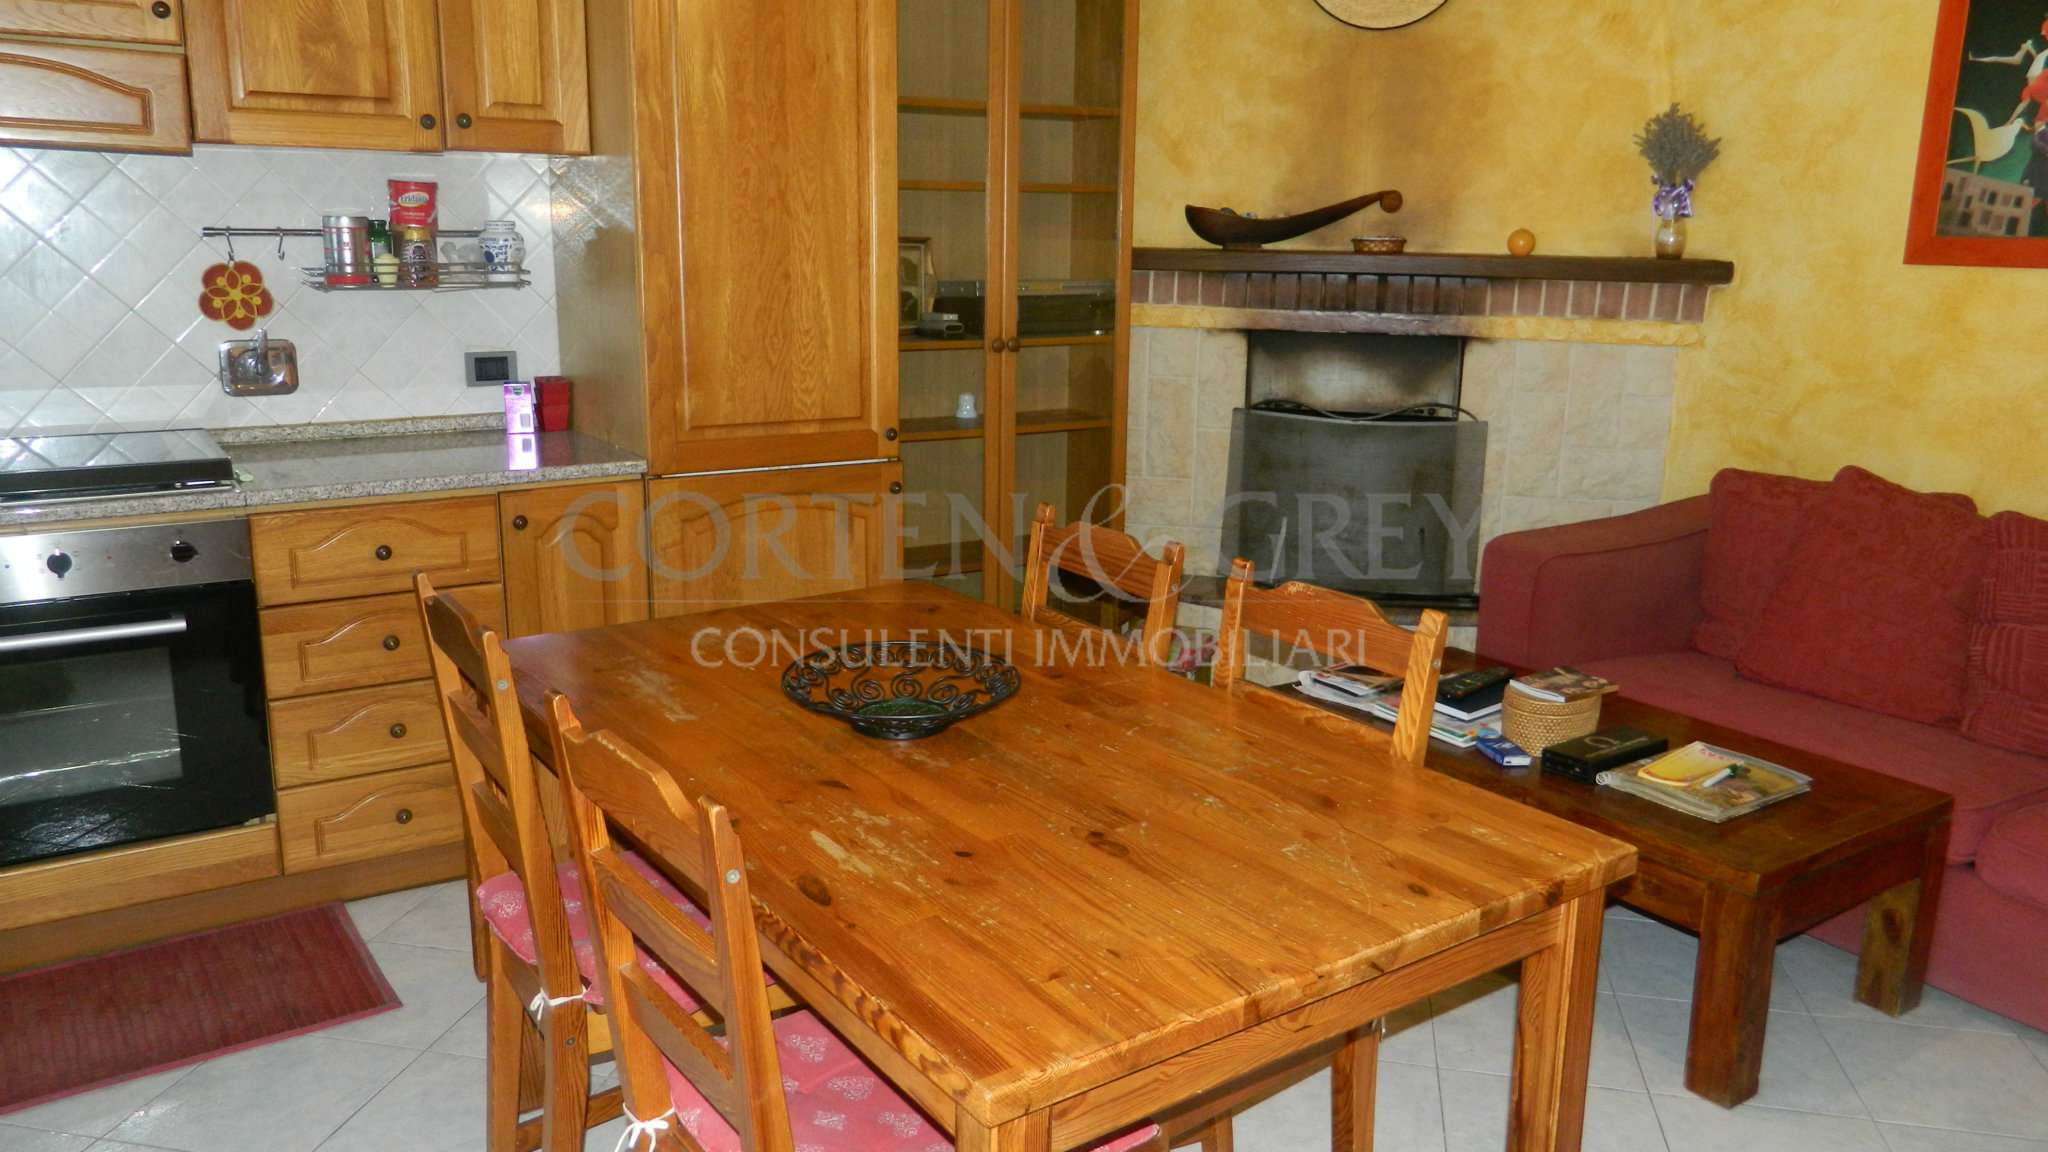 Appartamento in vendita a Gassino Torinese, 3 locali, prezzo € 70.000 | PortaleAgenzieImmobiliari.it